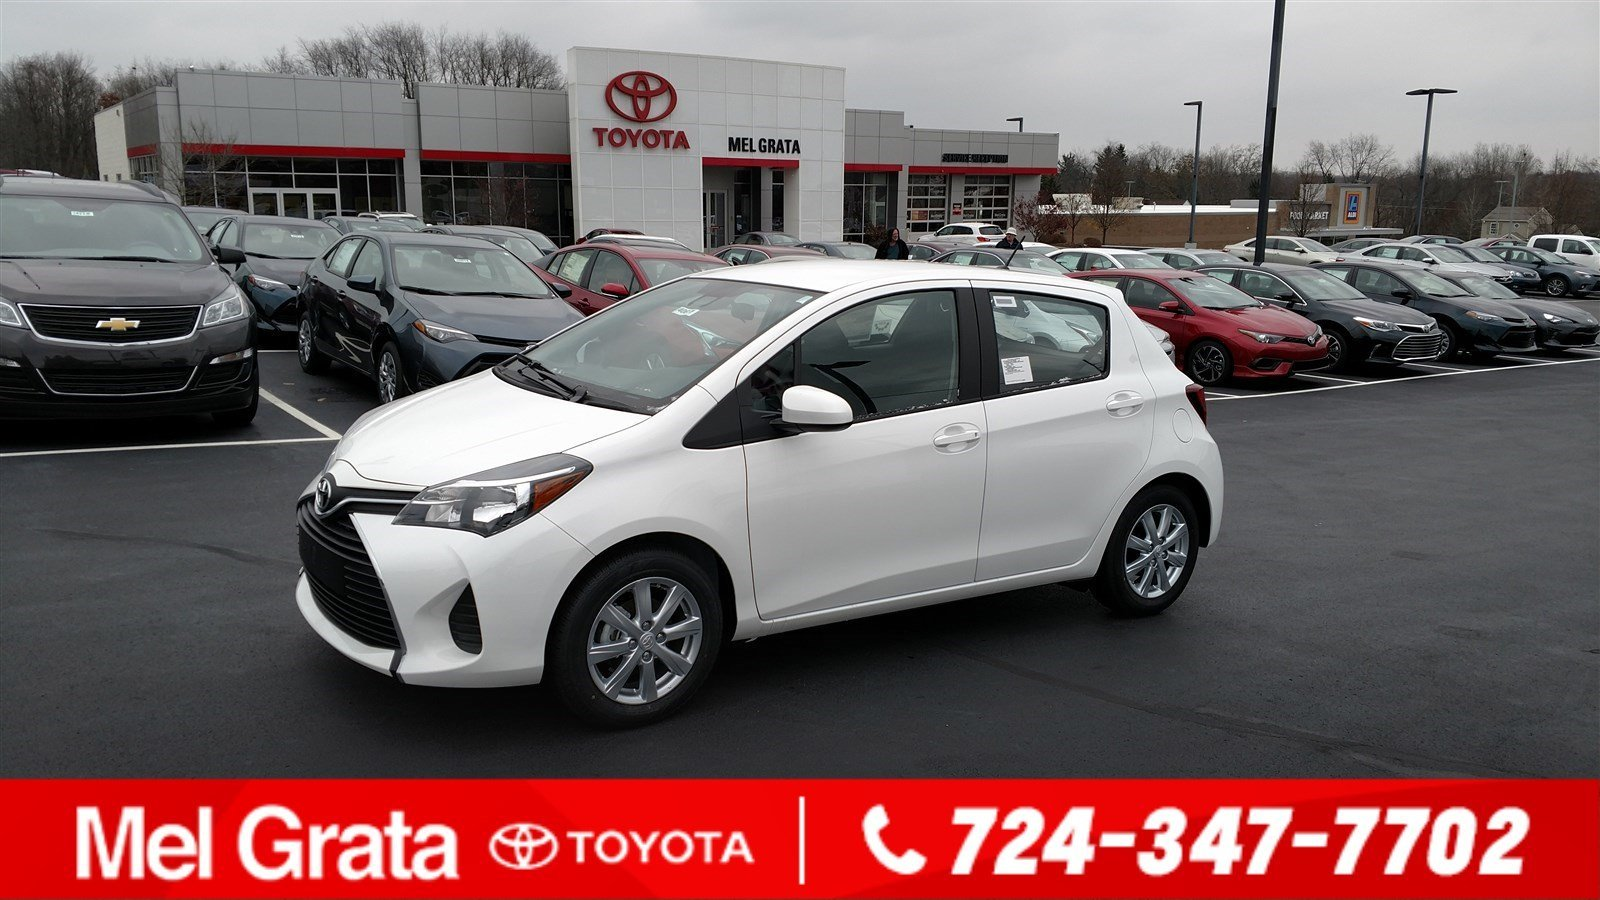 Mel Grata Toyota  Upcomingcarshqcom